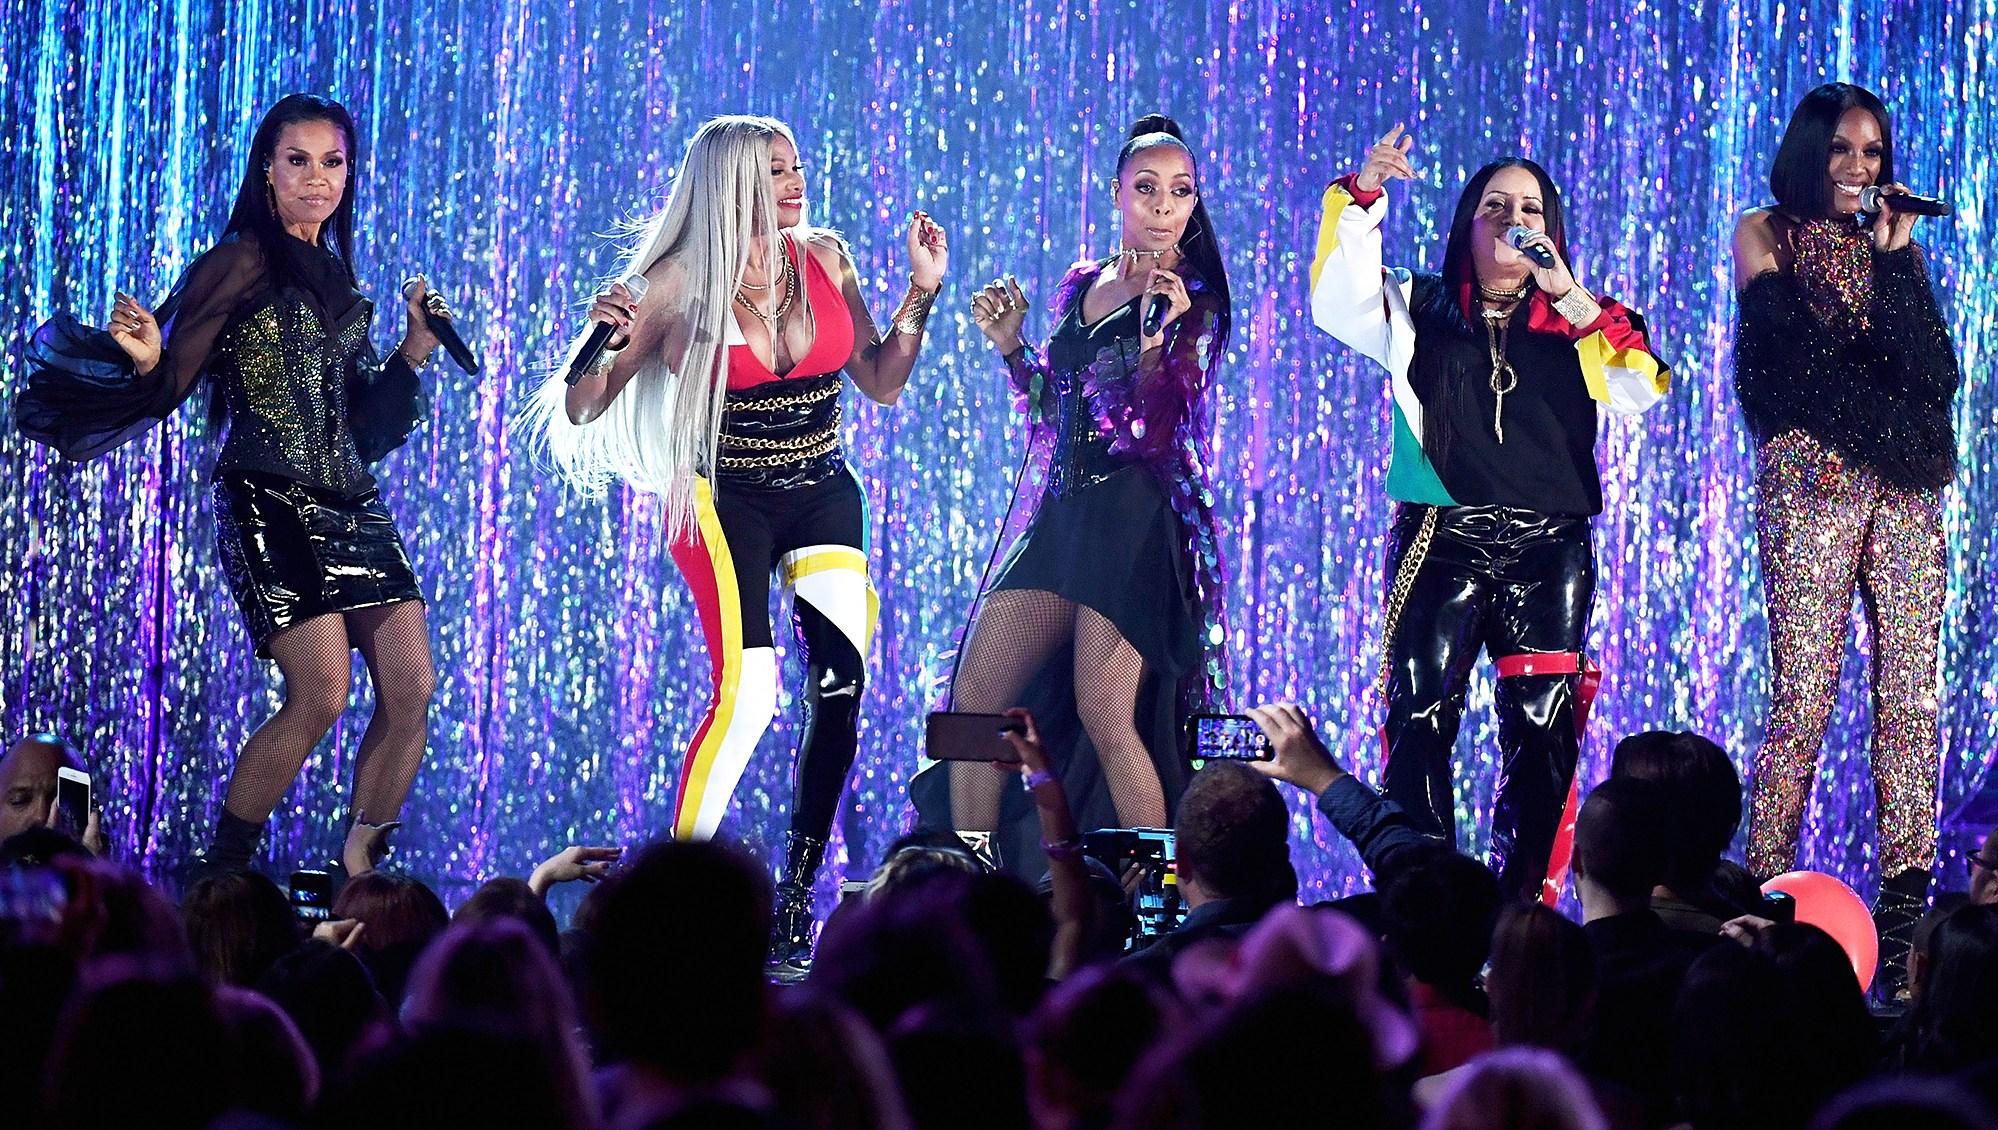 Salt-N-Pepa En Vogue Billboard Music Awards 2018